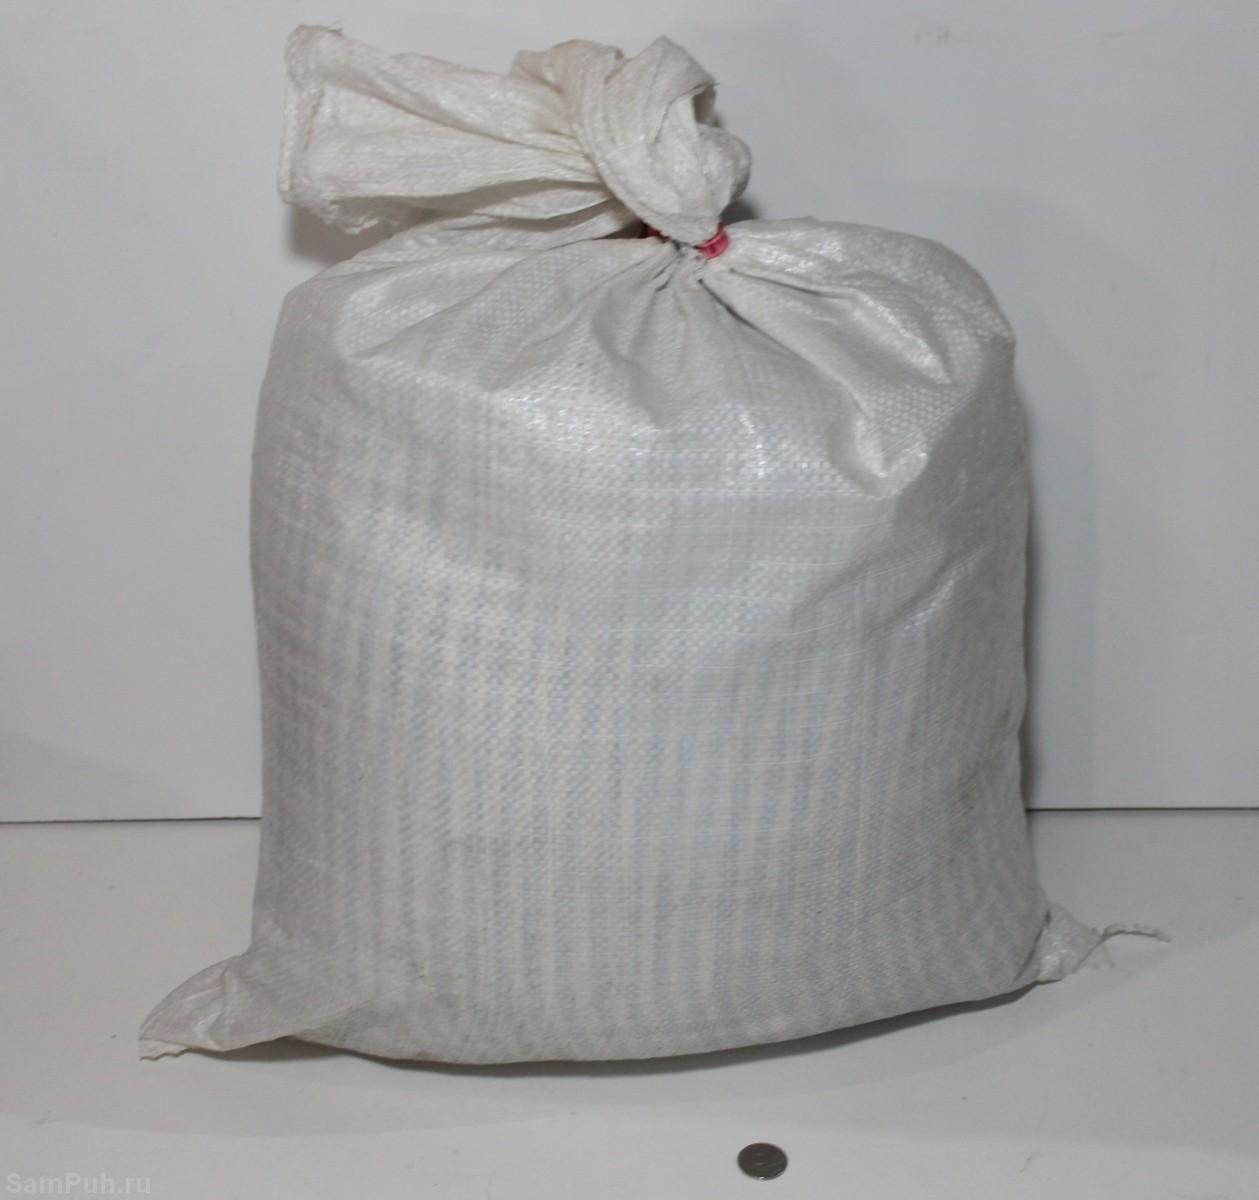 Мешок 10 кг скорлупы кедрового ореха - СамПух.ру